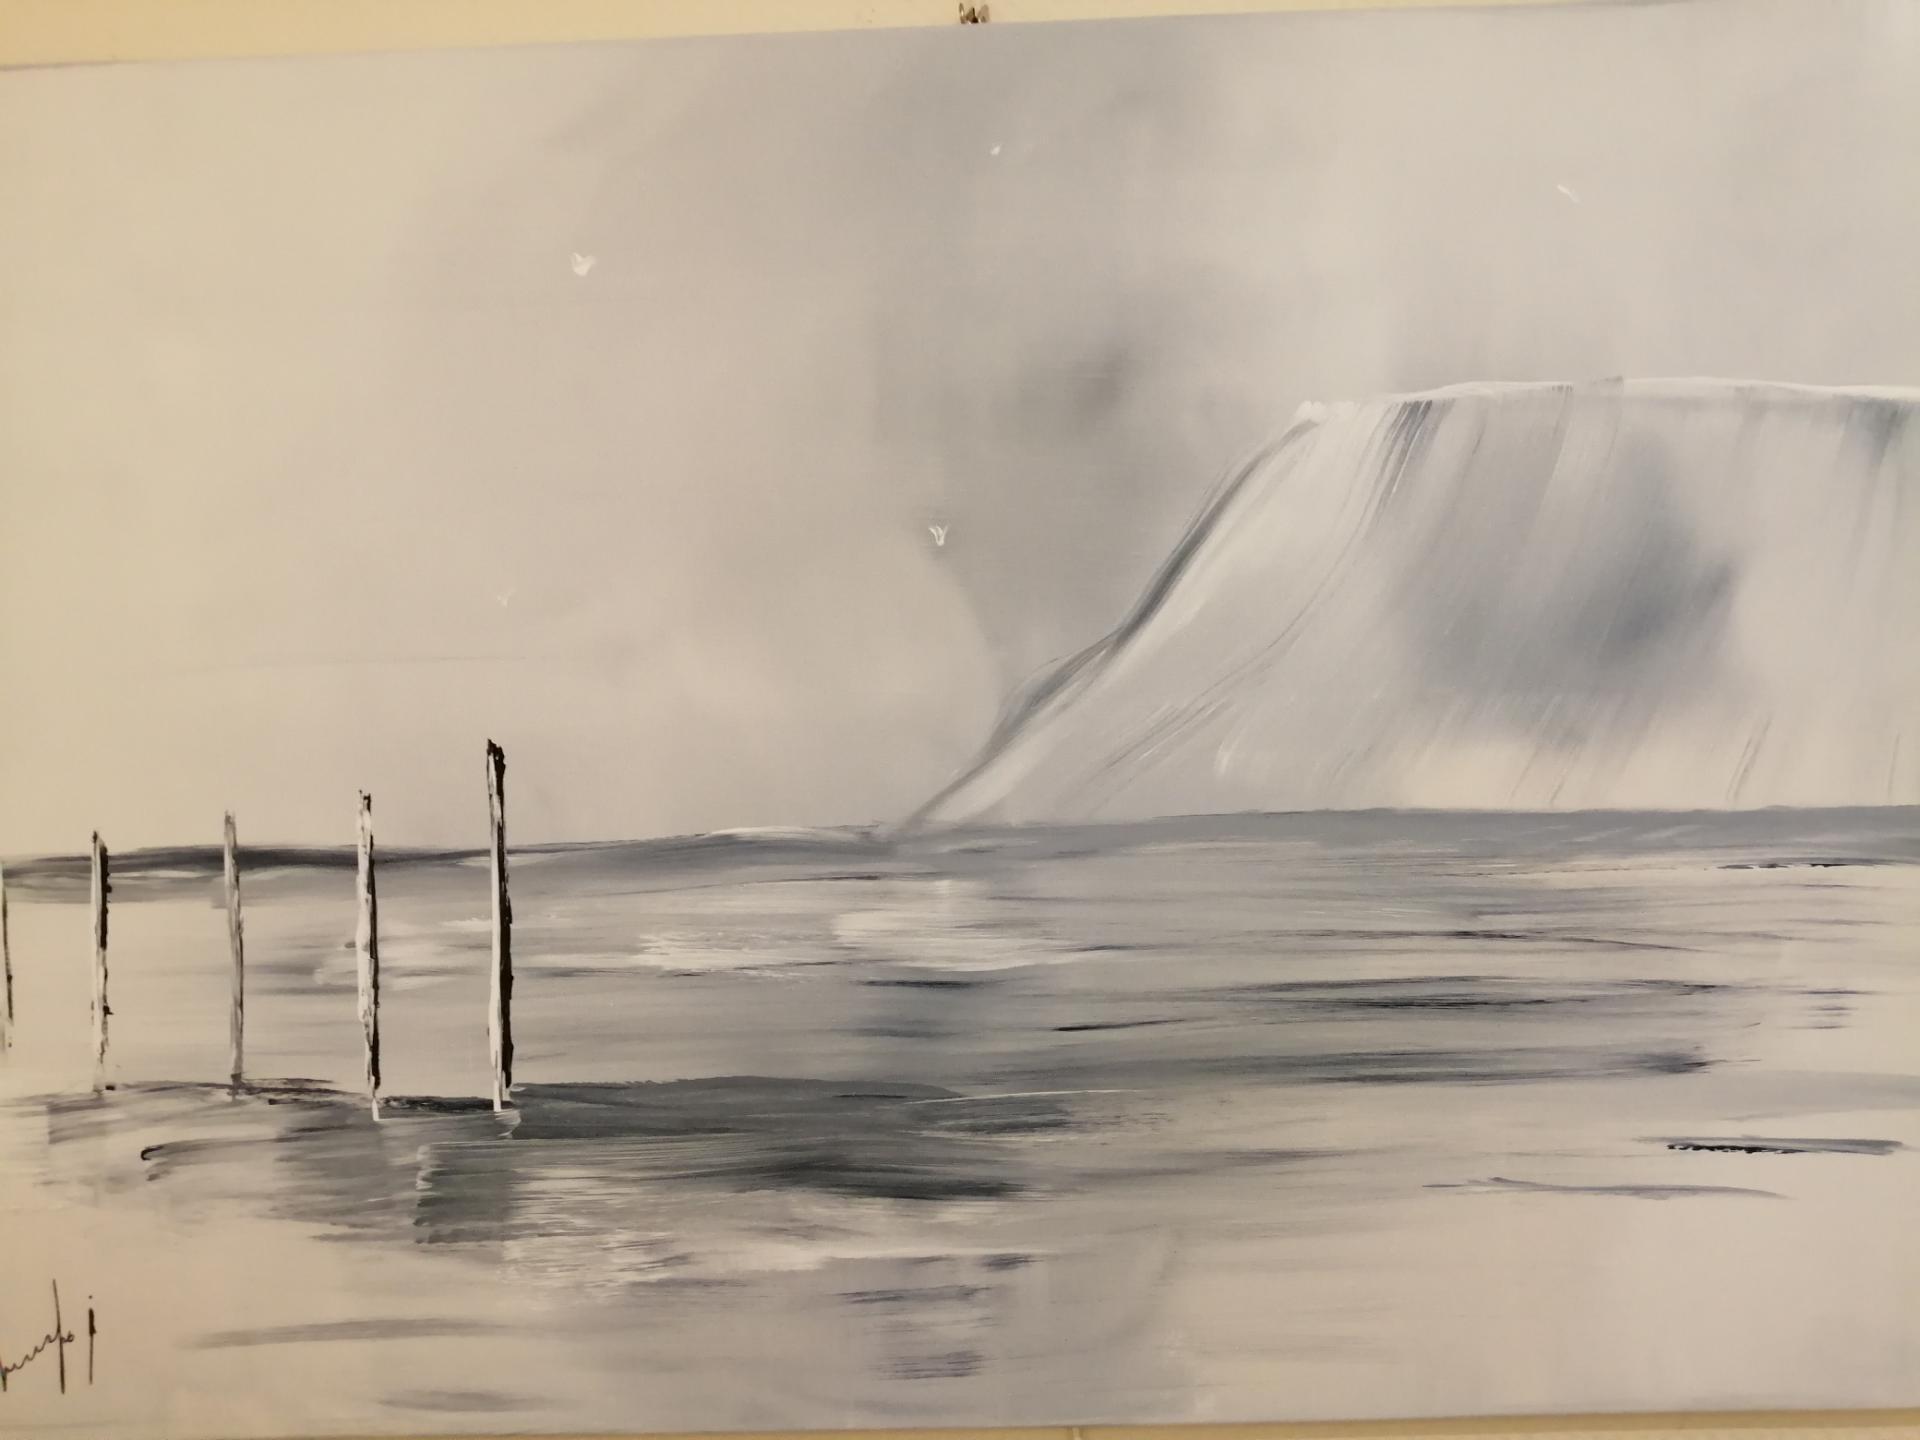 les poteaux sur la plage de Wissant face au cap blanc nez